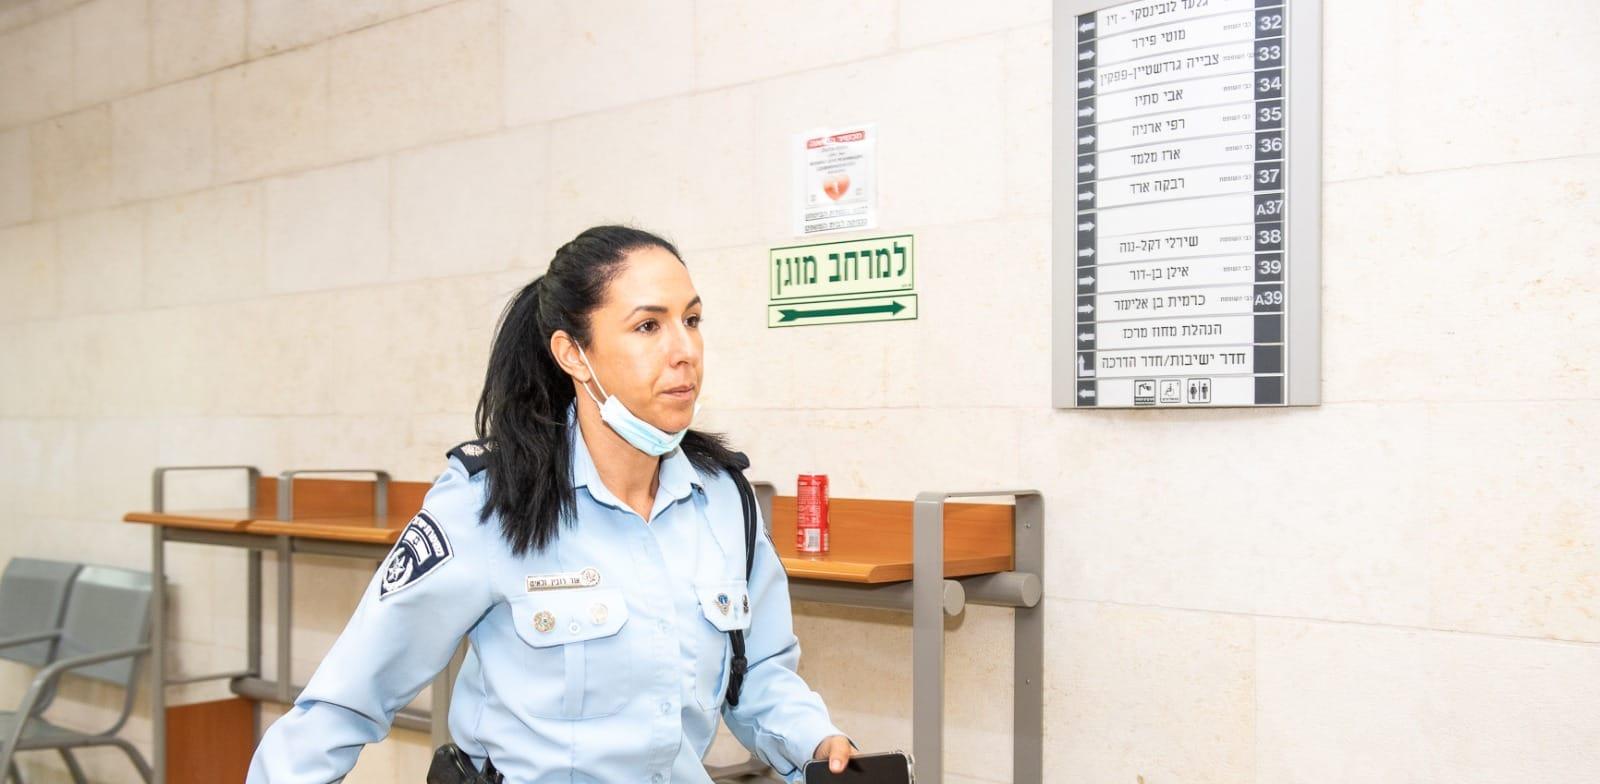 ראש צוות החקירה / צילום: יוסי כהן